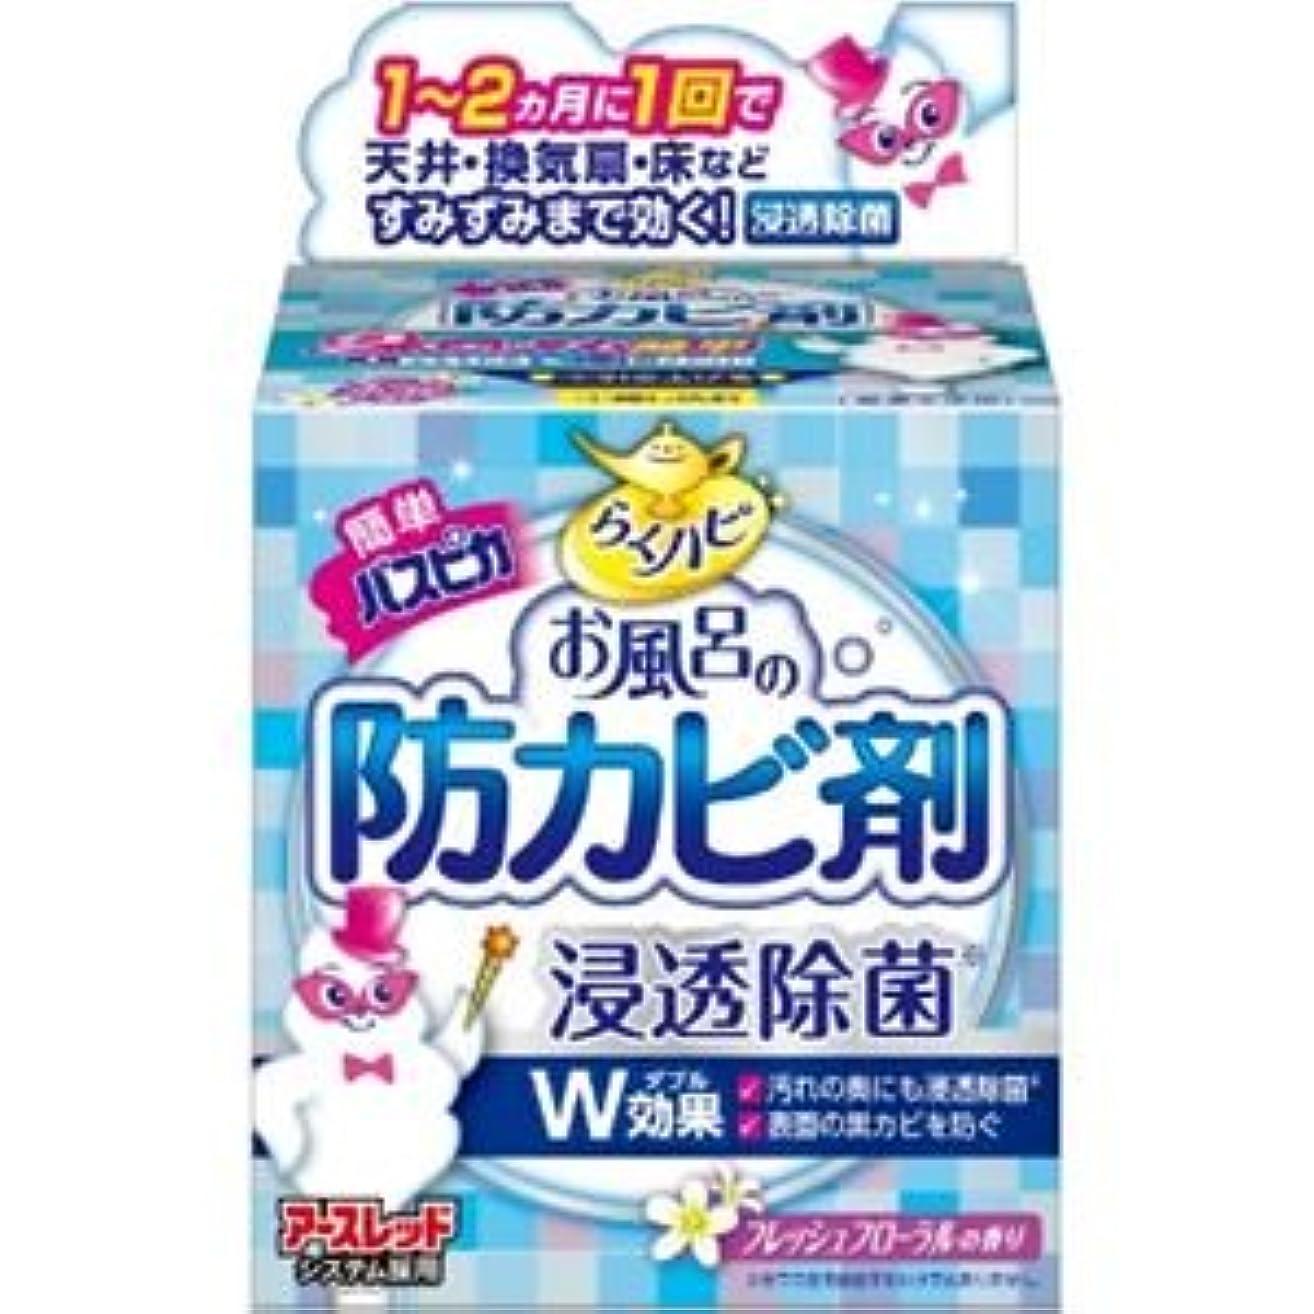 バス粗いアライメント(まとめ)アース製薬 らくハピお風呂の防カビ剤フローラルの香り 【×3点セット】